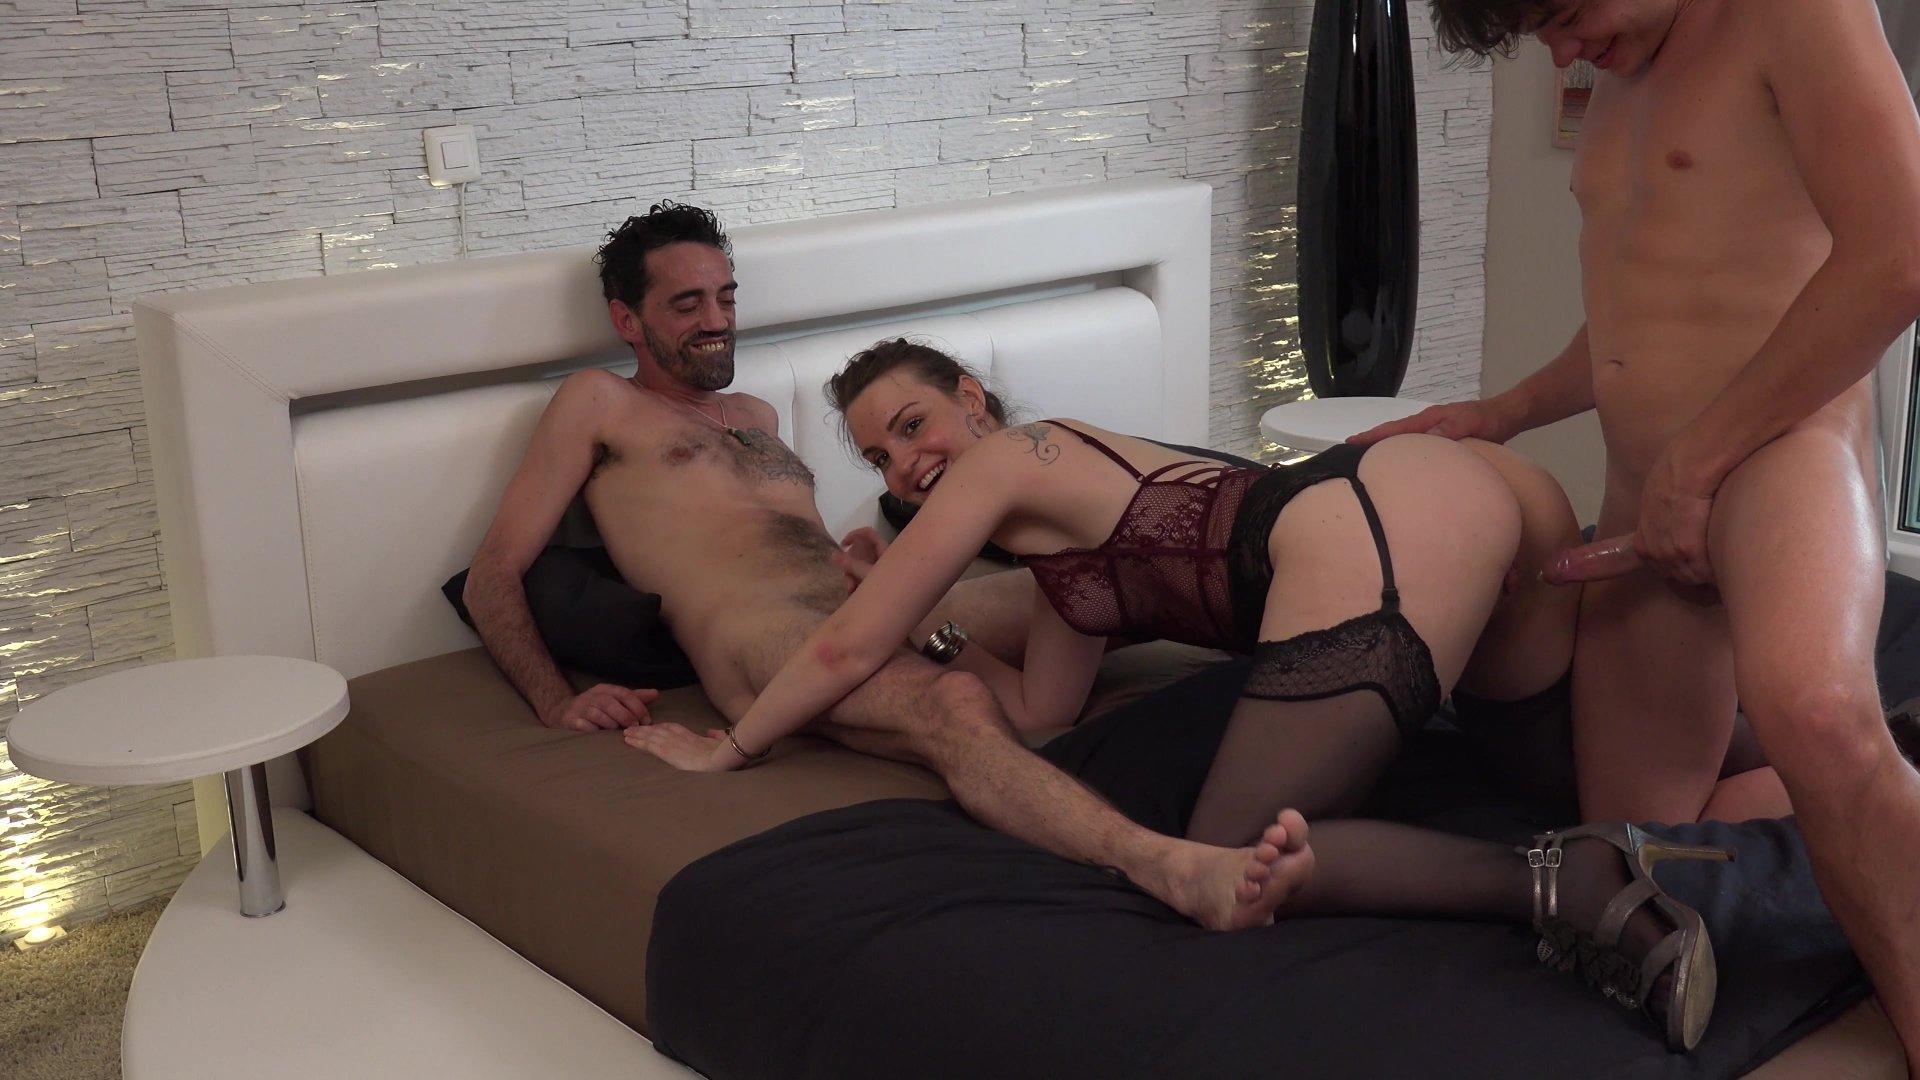 Anal Lesbian Sex Stories Porn Pics, Sex Photos, Xxx Images